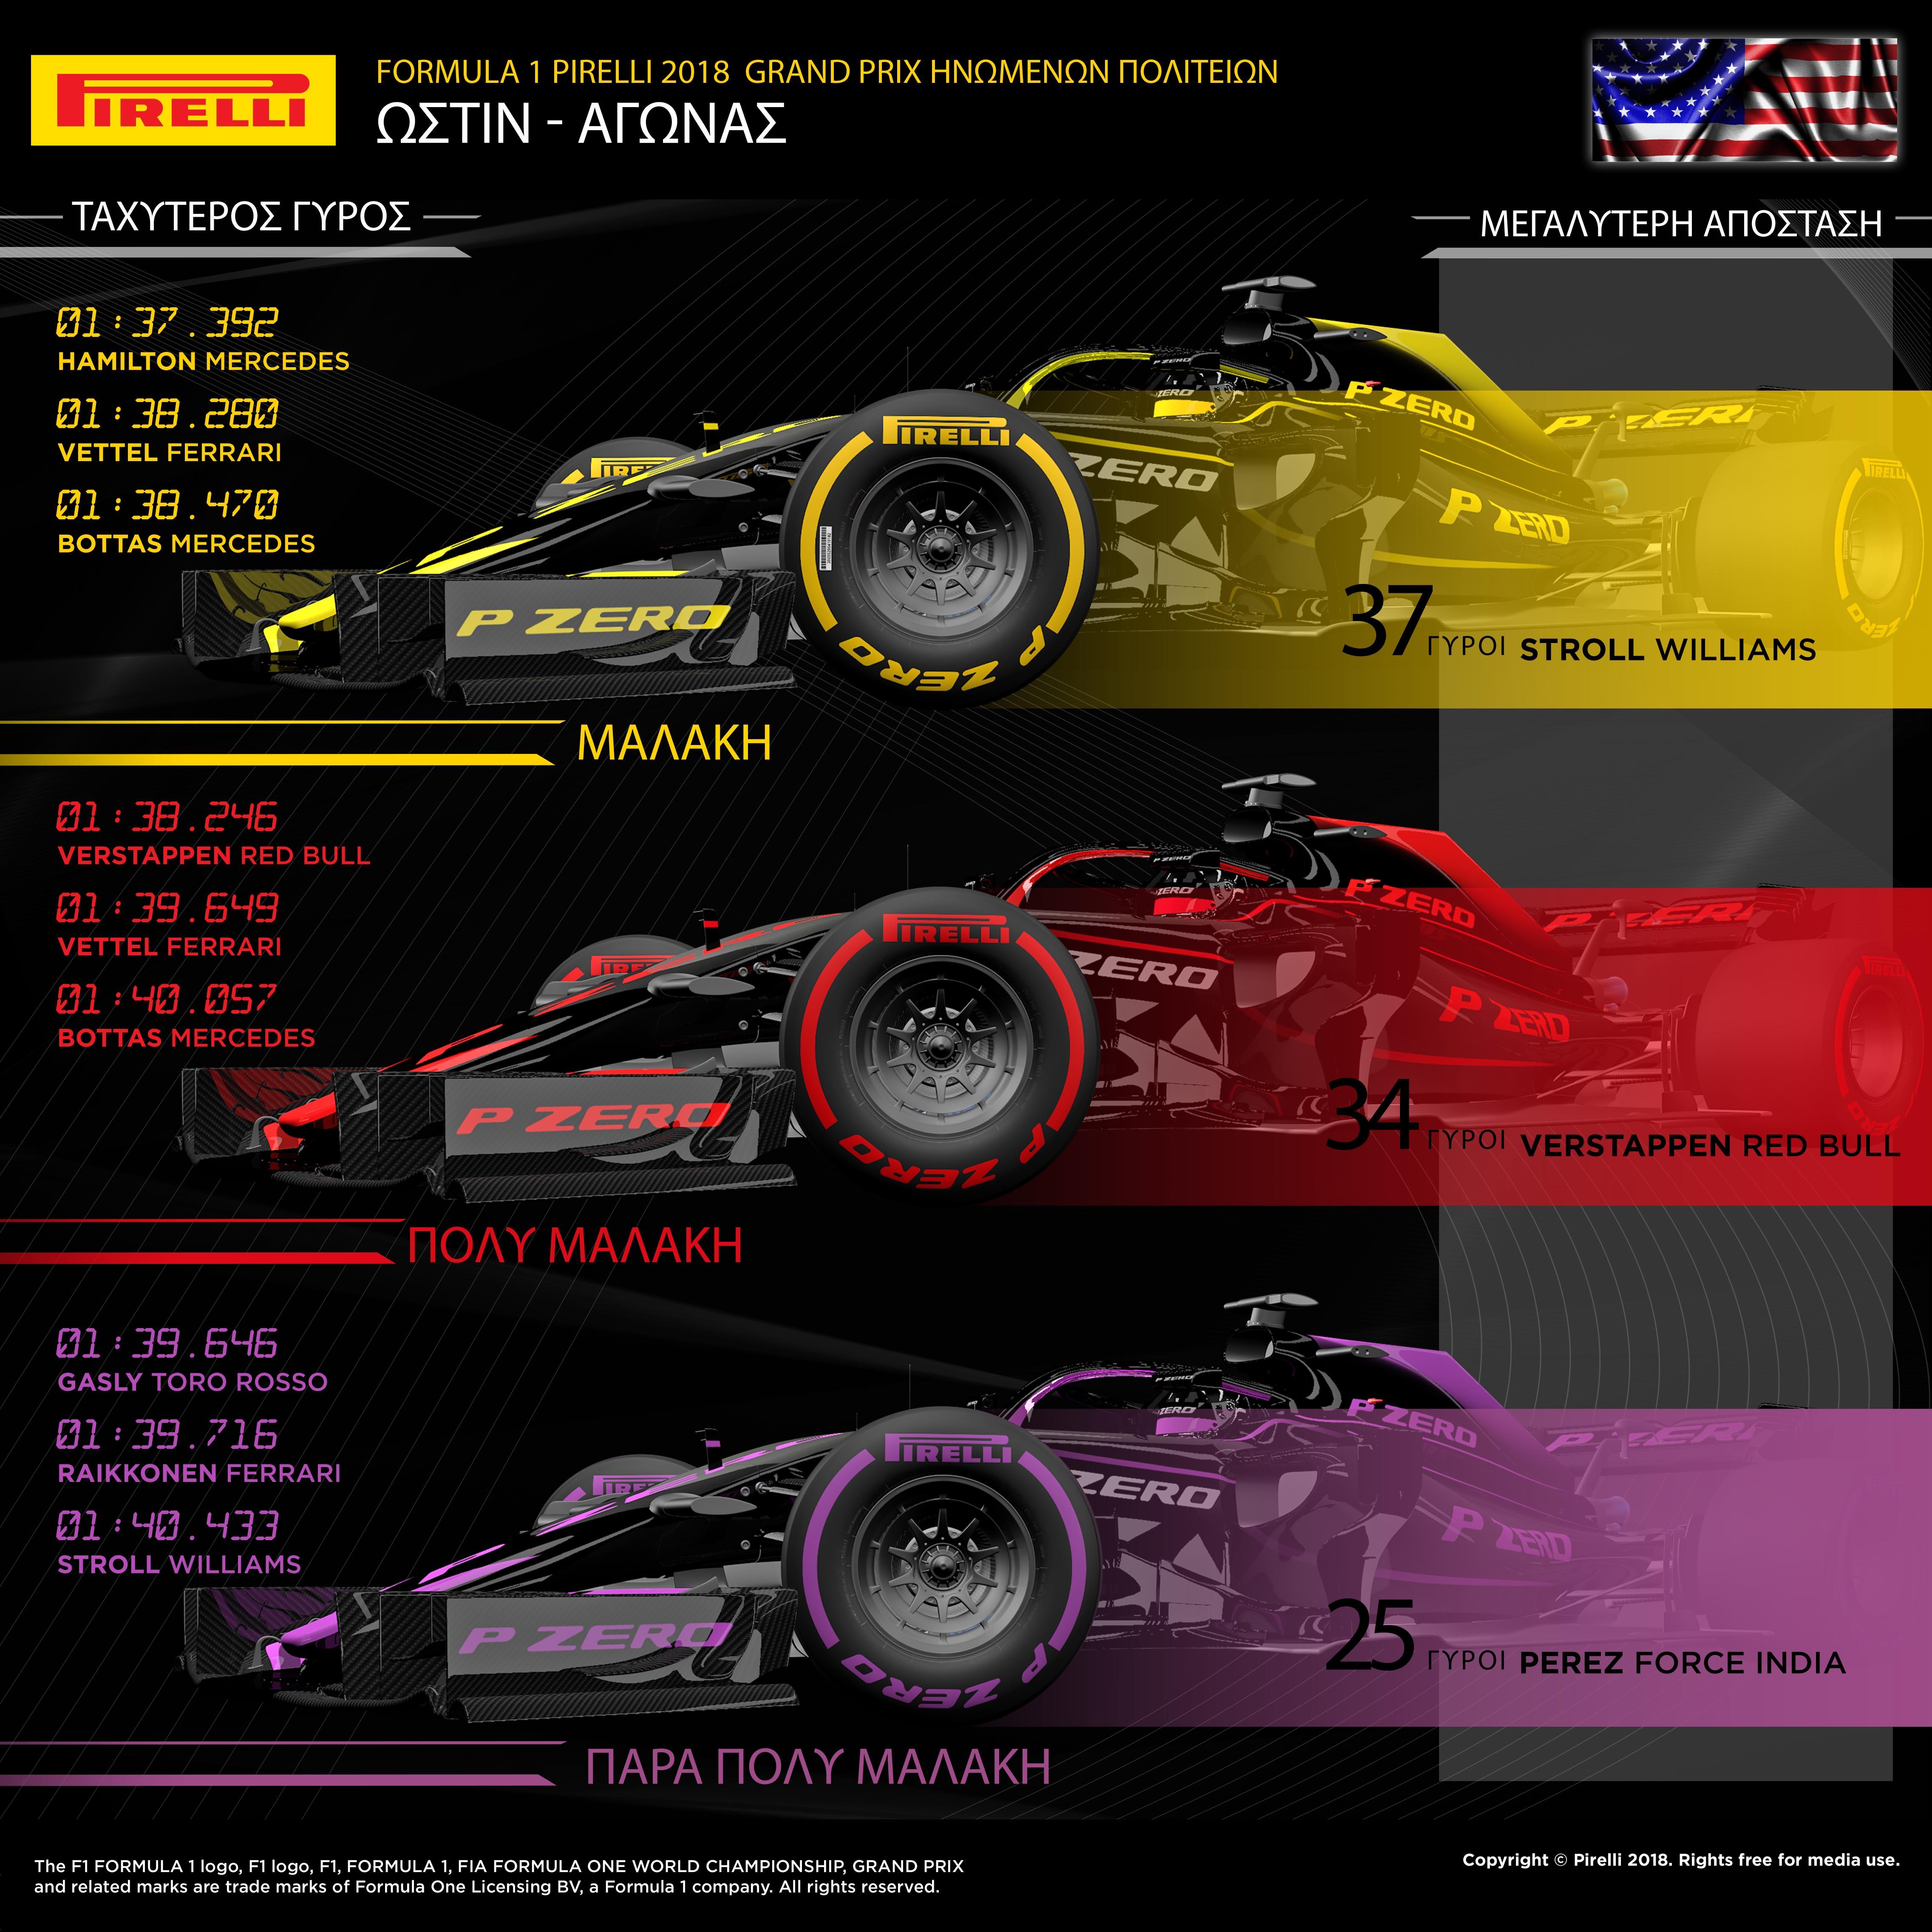 """Ο Kimi Raikkonen με Ferrari κέρδισε το επεισοδιακό Pirelli United States Grand Prix. Οι τρεις πρώτοι στον τερματισμό απείχαν λιγότερο από 3 δευτερόλεπτα και χρησιμοποίησαν 3 εντελώς διαφορετικές στρατηγικές. Μολονότι ο Raikkonen κέρδισε τον αγώνα εκκινώντας 2ος με στρατηγική πάρα πολύ μαλακή/μαλακή γόμας, ο Lewis Hamilton ήταν ο μόνος εκ των πρωτοπόρων που επέλεξε στρατηγική 2 αλλαγών. Ο οδηγός της Mercedes ενώ εκκινούσε από την πρώτη θέση με πολύ μαλακή γόμα, έκανε την πρώτη του αλλαγή νωρίς στον 11ο γύρο υπό καθεστώς εικονικού αυτοκινήτου ασφαλείας και έβαλε τη μαλακή γόμα. Πίεσε πολύ για να βρεθεί ξανά στην κορυφή και υποχρεώθηκε να βάλει ένα δεύτερο σετ μαλακής γόμας 20 γύρους πριν το τέλος. Αυτό τον έφερε εκτός των θέσεων που του εξασφάλιζαν την κατάκτηση του τίτλου. Διαφορετική στρατηγική και από τον οδηγό της Red Bull, Max Verstappen, ο οποίος εκκίνησε από την 18η θέση και κατάφερε να τερματίσει 2ος. Αυτό οφείλεται στο ότι εκκίνησε με την μαλακή γόμα, προτού βάλει την ταχύτερη, πολύ μαλακή, σ' ένα μακρύτερο σκέλος έως το φινάλε. MARIO ISOLA - ΕΠΙΚΕΦΑΛΗΣ ΑΓΩΝΩΝ ΑΥΤΟΚΙΝΗΤΟΥ """"Συγχαρητήρια στο Kimi Raikkonen για μια σπουδαία νίκη που ήρθε με έλεγχο ενός από τους πιο αμφίρροπους αγώνες των τελευταίων ετών. Η στρατηγική ελαστικών έπαιξε σημαντικό ρόλο. Οι τέσσερις πρώτοι ακολούθησαν τέσσερις διαφορετικές στρατηγικές. Ο αγώνας επηρεάστηκε επίσης από την απόφαση, να πραγματοποιήσει ο Lewis Hamilton μια πρώιμη αλλαγή υπό καθεστώς εικονικού αυτοκινήτου ασφαλείας. Η ομάδα του Βρετανού επέλεξε διαφορετική τακτική απ' αυτή του Raikkonen, ο οποίος παρέμεινε έξω. Αυτό έθεσε το Hamilton σε μια τελείως διαφορετική στρατηγική απ' αυτούς που ήταν γύρω του και συνετέλεσε σε ένα συναρπαστικό φινάλε. Καθώς οι δοκιμές σε στεγνό οδόστρωμα την Παρασκευή ήταν περιορισμένες, οι ομάδες δεν είχαν πλήρη εικόνα για το βαθμό φθοράς και πτώσης στην απόδοση λόγω τοπικής υπερθέρμανσης, των ελαστικών. Αυτό αναμφίβολα συνετέλεσε στην έξαψη και στην απρόβλεπτη εξέλιξη. Παρότι δεν υπήρχε πλήρη γνώ"""